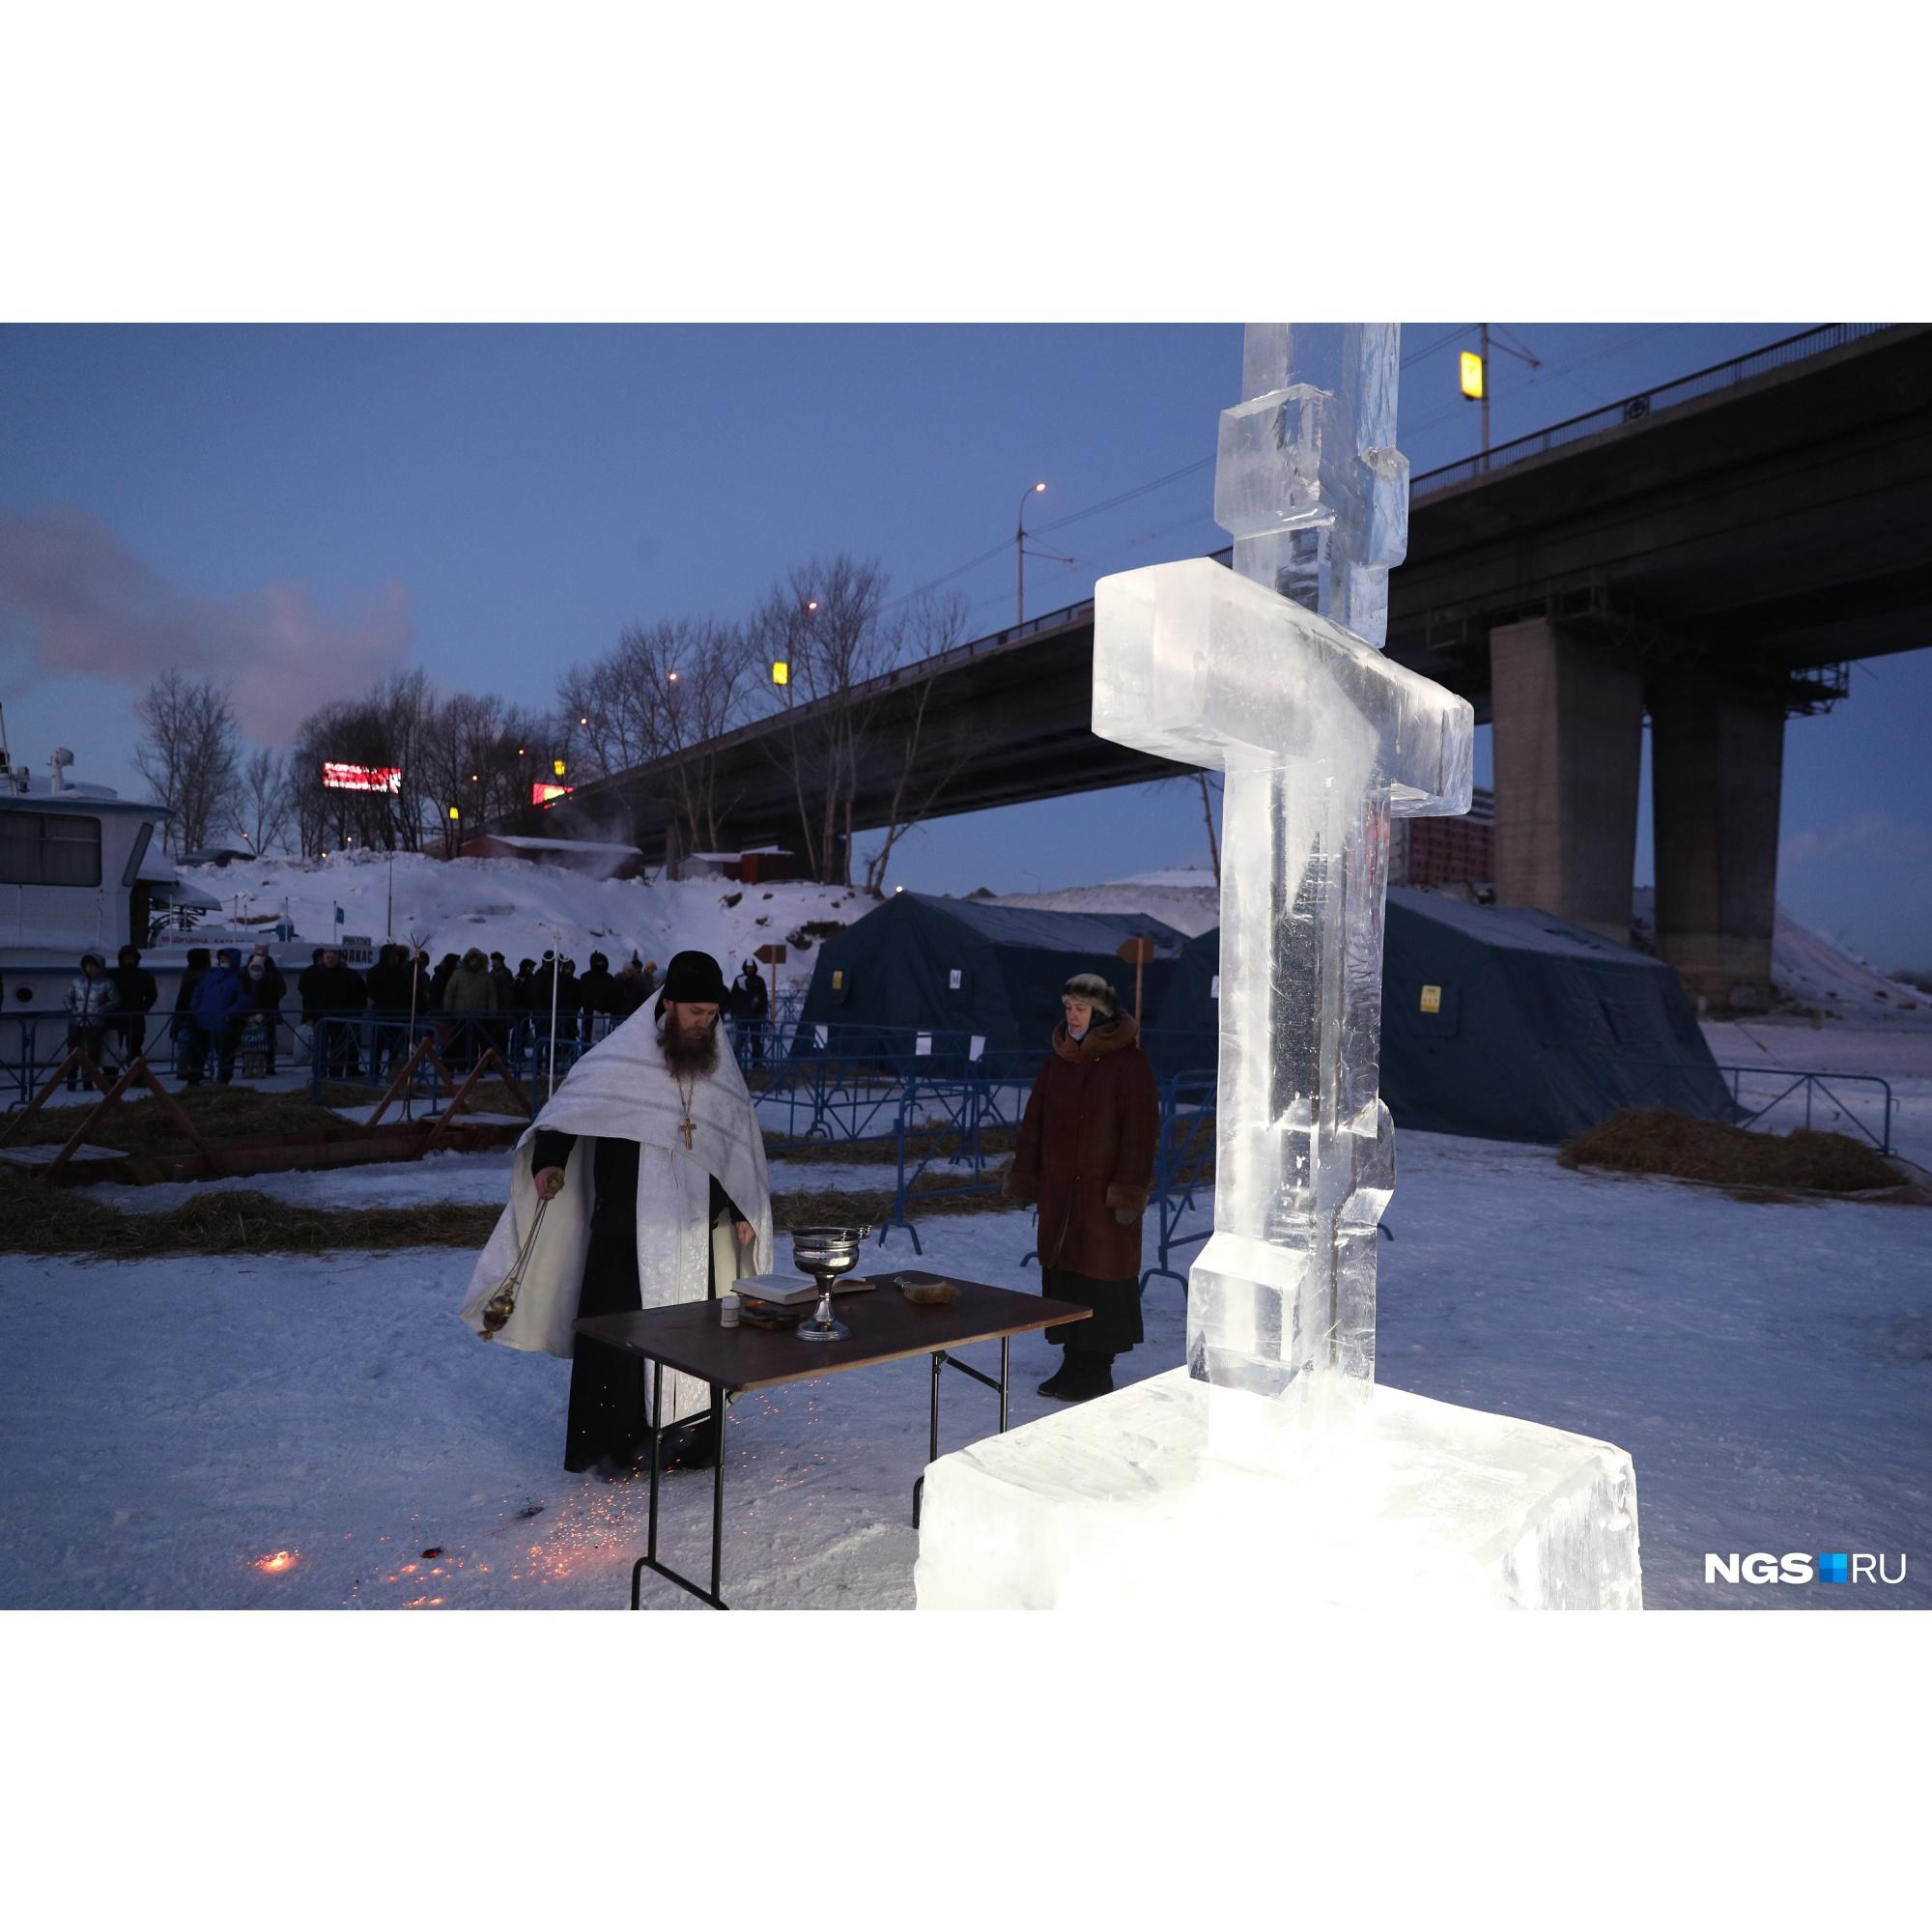 У Димитровского моста собралось значительно больше людей